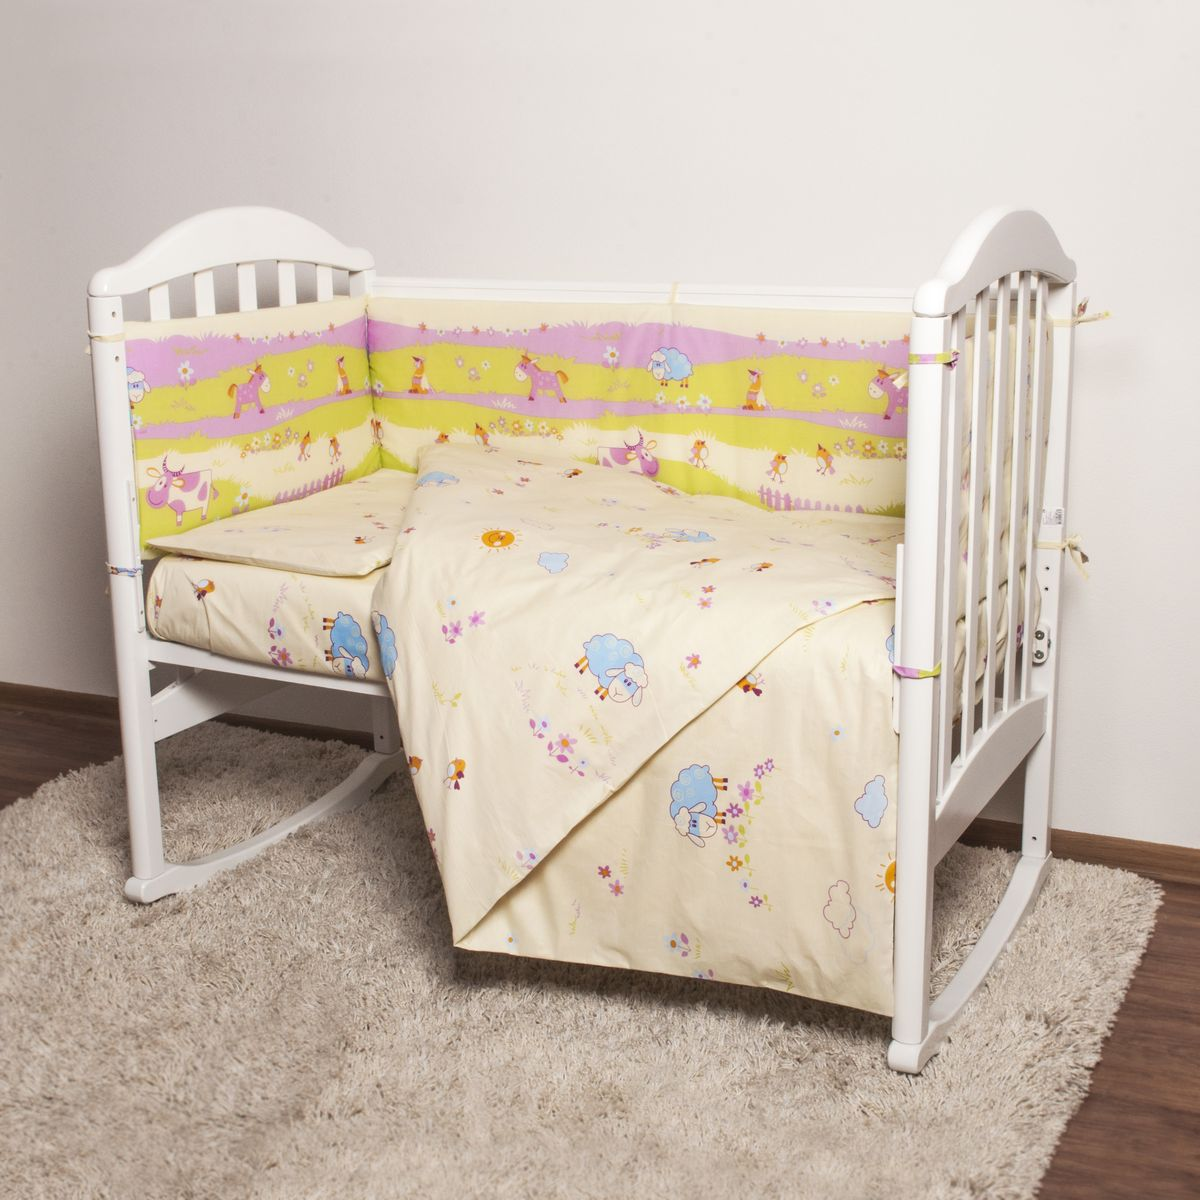 Baby Nice Детский комплект в кроватку Ферма (КПБ, бязь, наволочка 40х60), цвет: розовыйН613-04Комплект в кроватку Baby Nice Ферма для самых маленьких изготовлен только из самой качественной ткани, самой безопасной и гигиеничной, самой экологичной и гипоаллергенной. Отлично подходит для кроваток малышей, которые часто двигаются во сне. Хлопковое волокно прекрасно переносит стирку, быстро сохнет и не требует особого ухода, не линяет и не вытягивается. Ткань прошла специальную обработку по умягчению, что сделало ее невероятно мягкой и приятной к телу. Комплект создаст дополнительный комфорт и уют ребенку. Родителям не составит особого труда ухаживать за комплектом. Он превосходно стирается, легко гладится. Ваш малыш будет в восторге от такого необыкновенного постельного набора! В комплект входит: одеяло, пододеяльник, подушка, наволочка, простыня, борт.